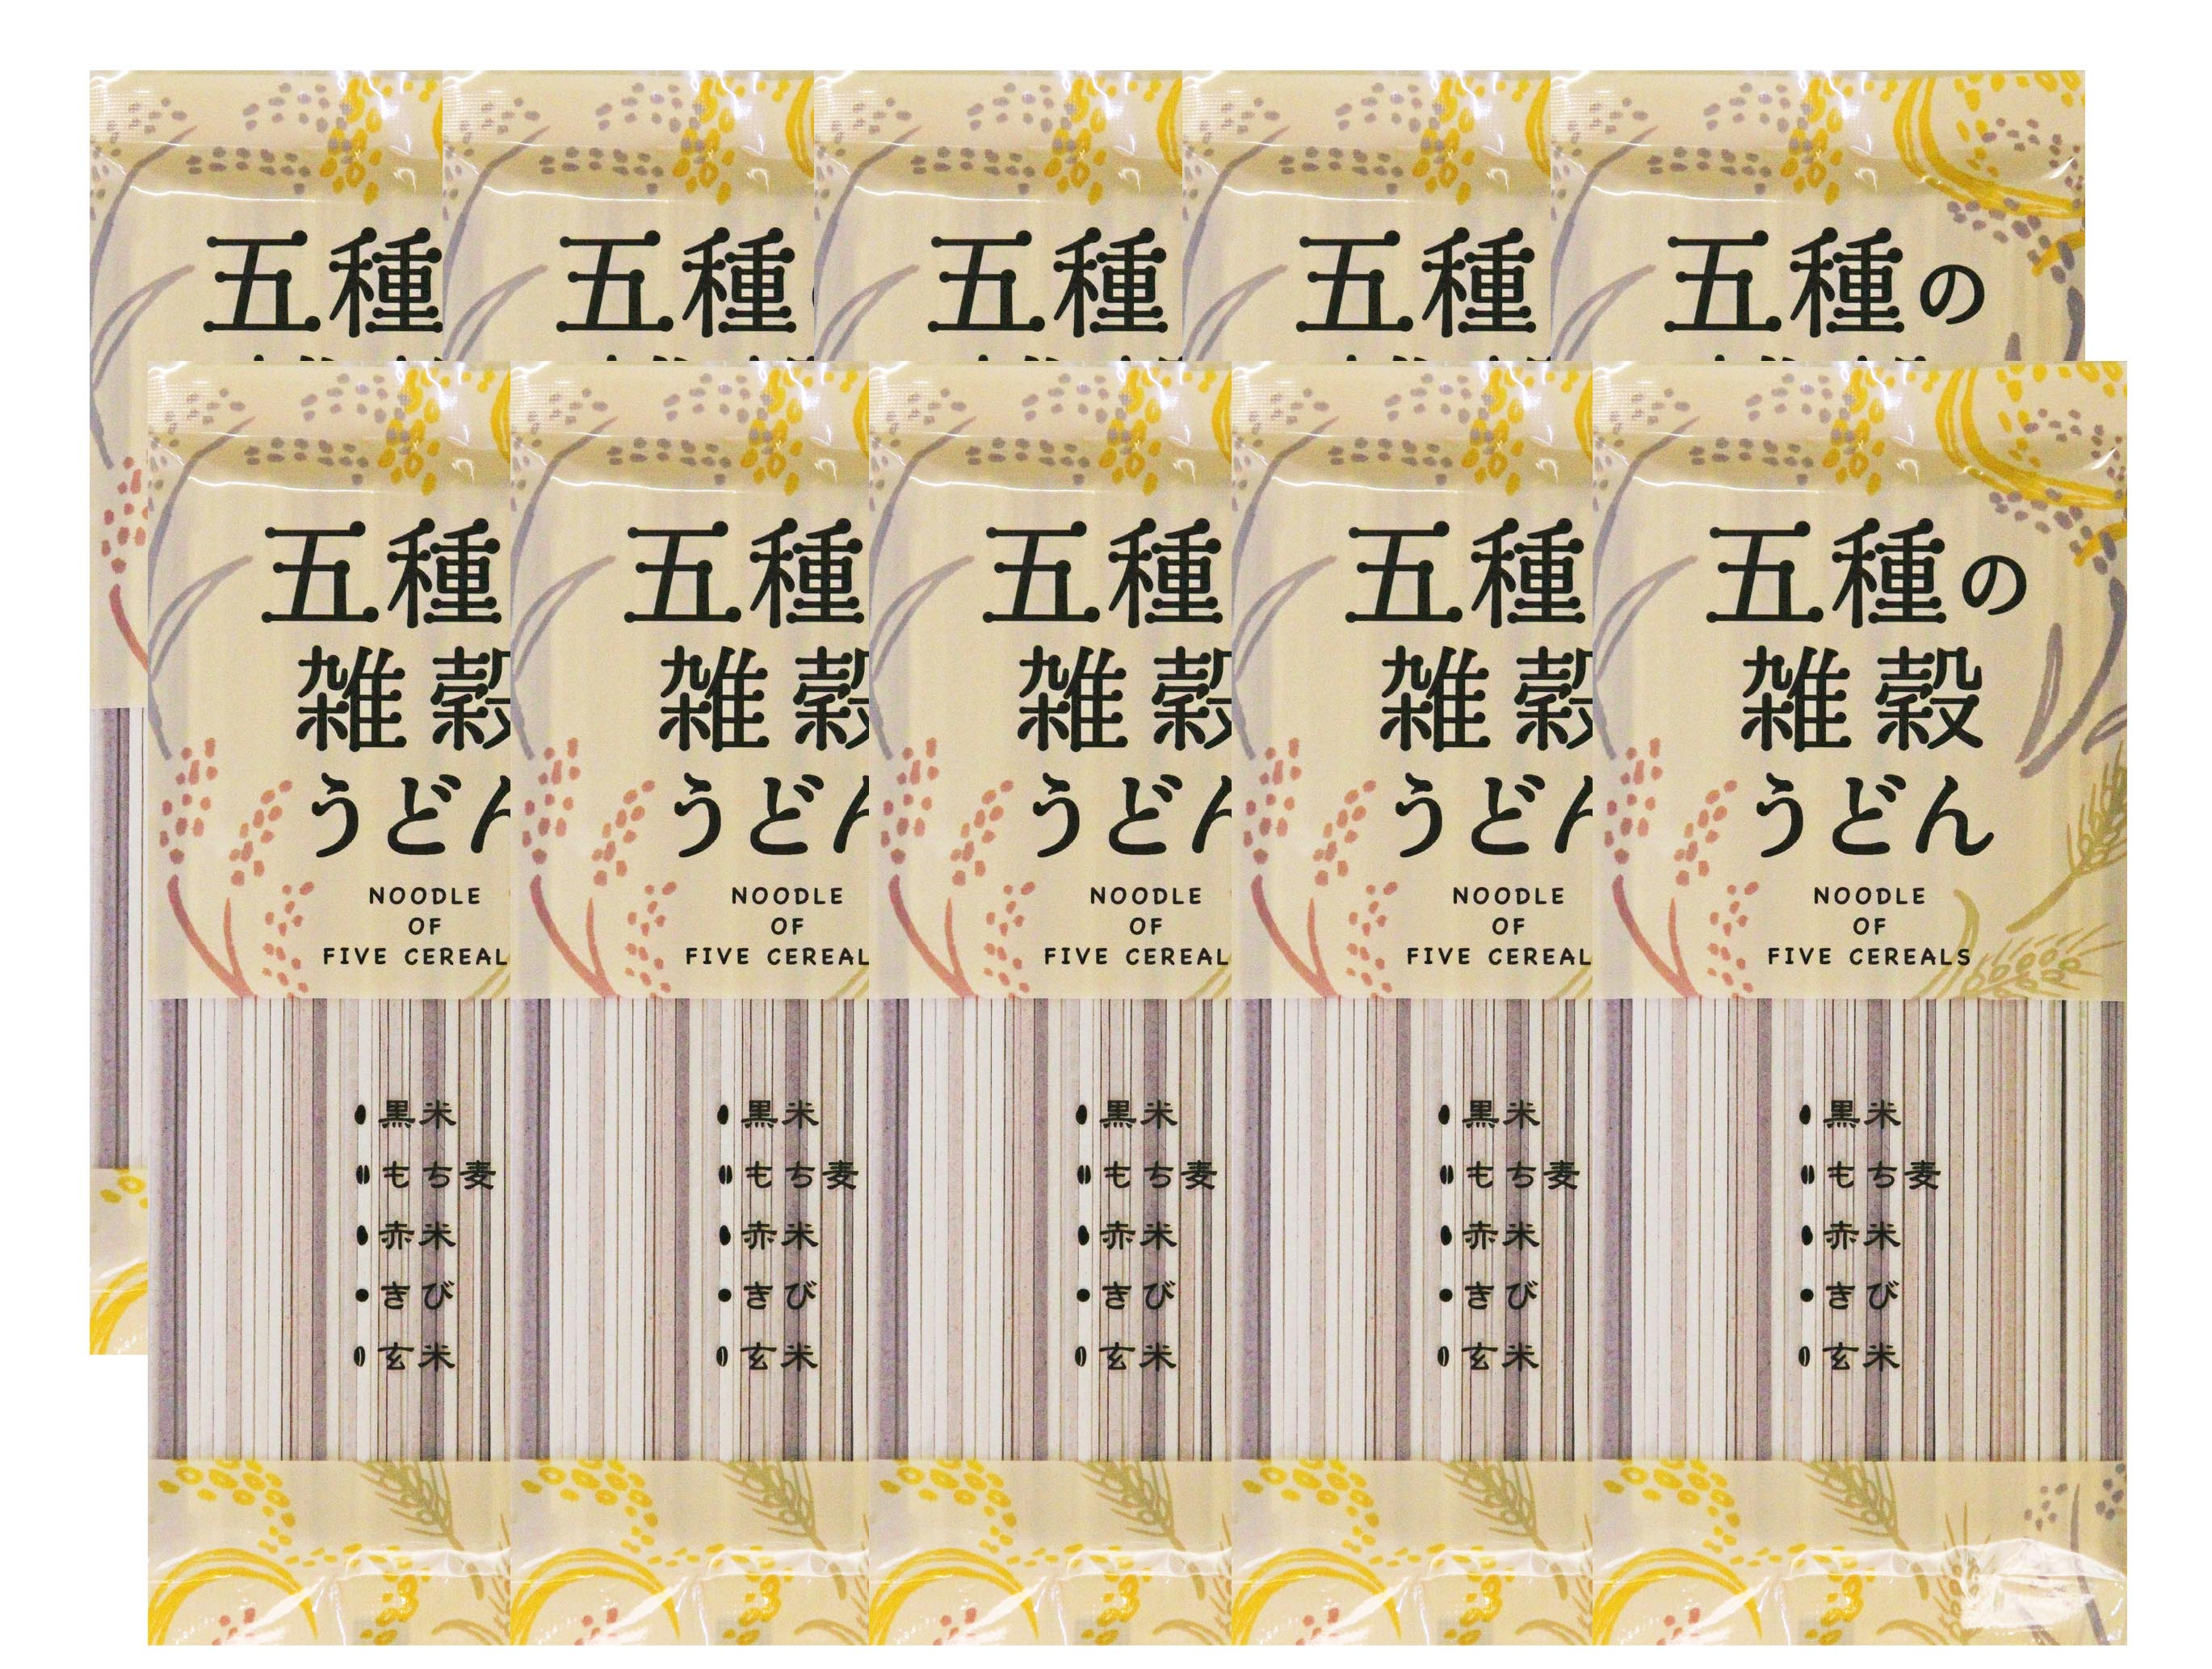 【岡山県】五種の雑穀うどん 10袋入【産地直送・同梱不可】